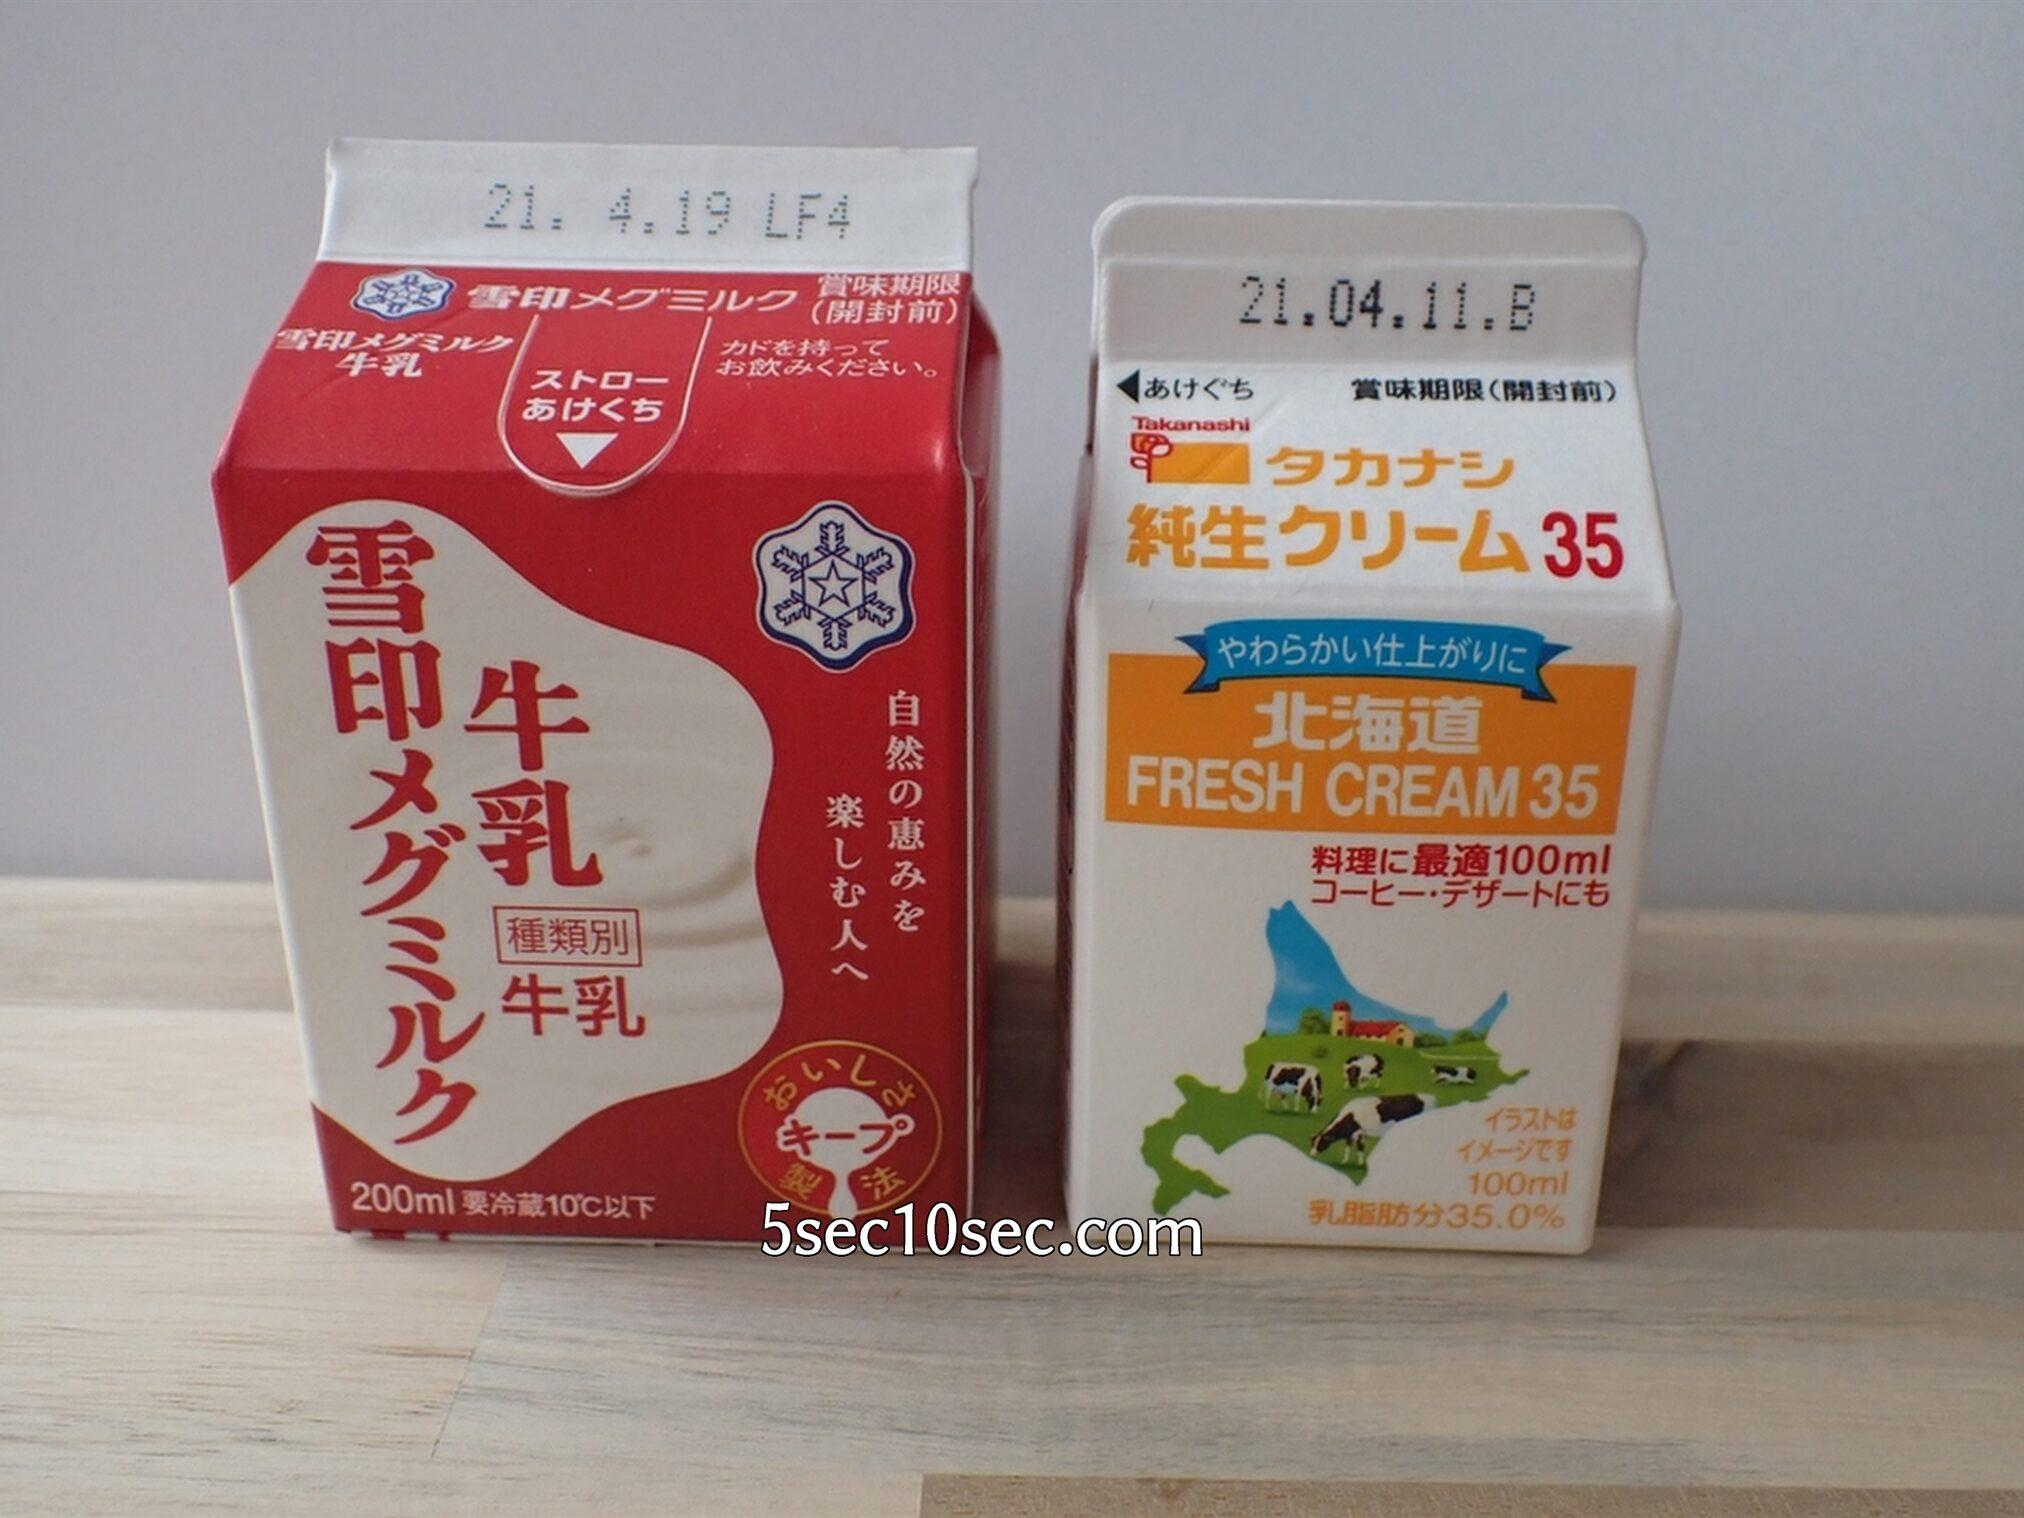 貝印 アイスクリームメーカー 基本のアイスクリームの材料は牛乳、生クリーム、砂糖、卵です